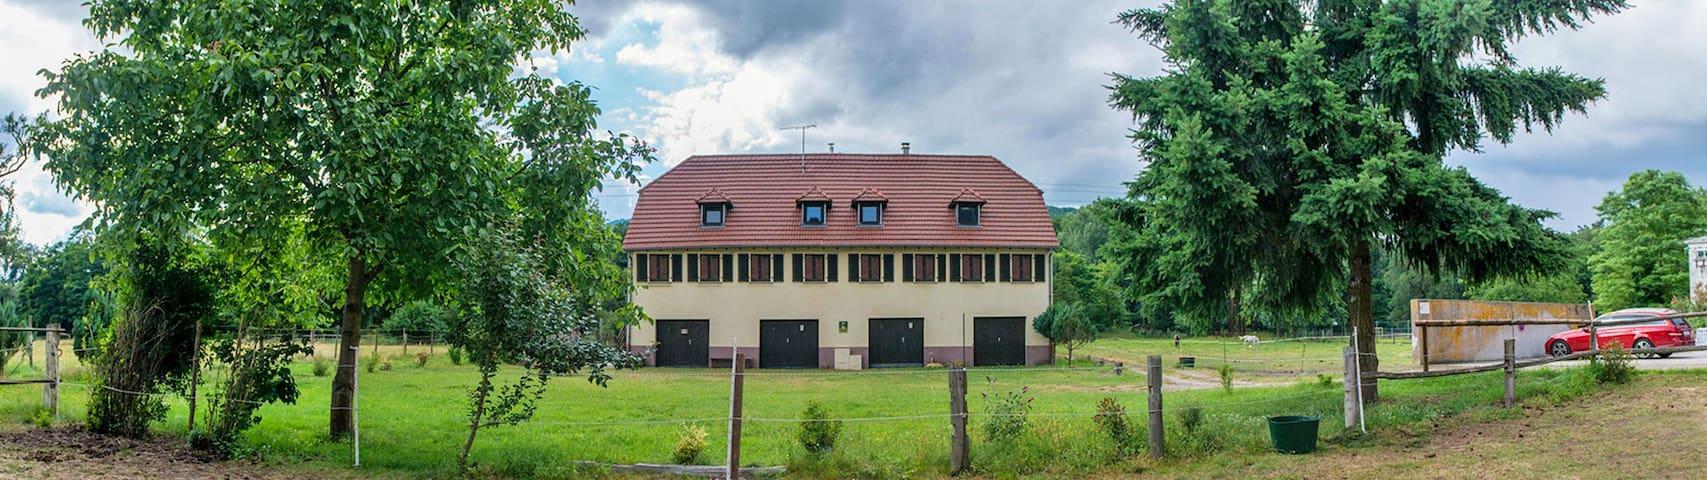 Emeraude de La Forge - Wintzenheim - Ortak mülk